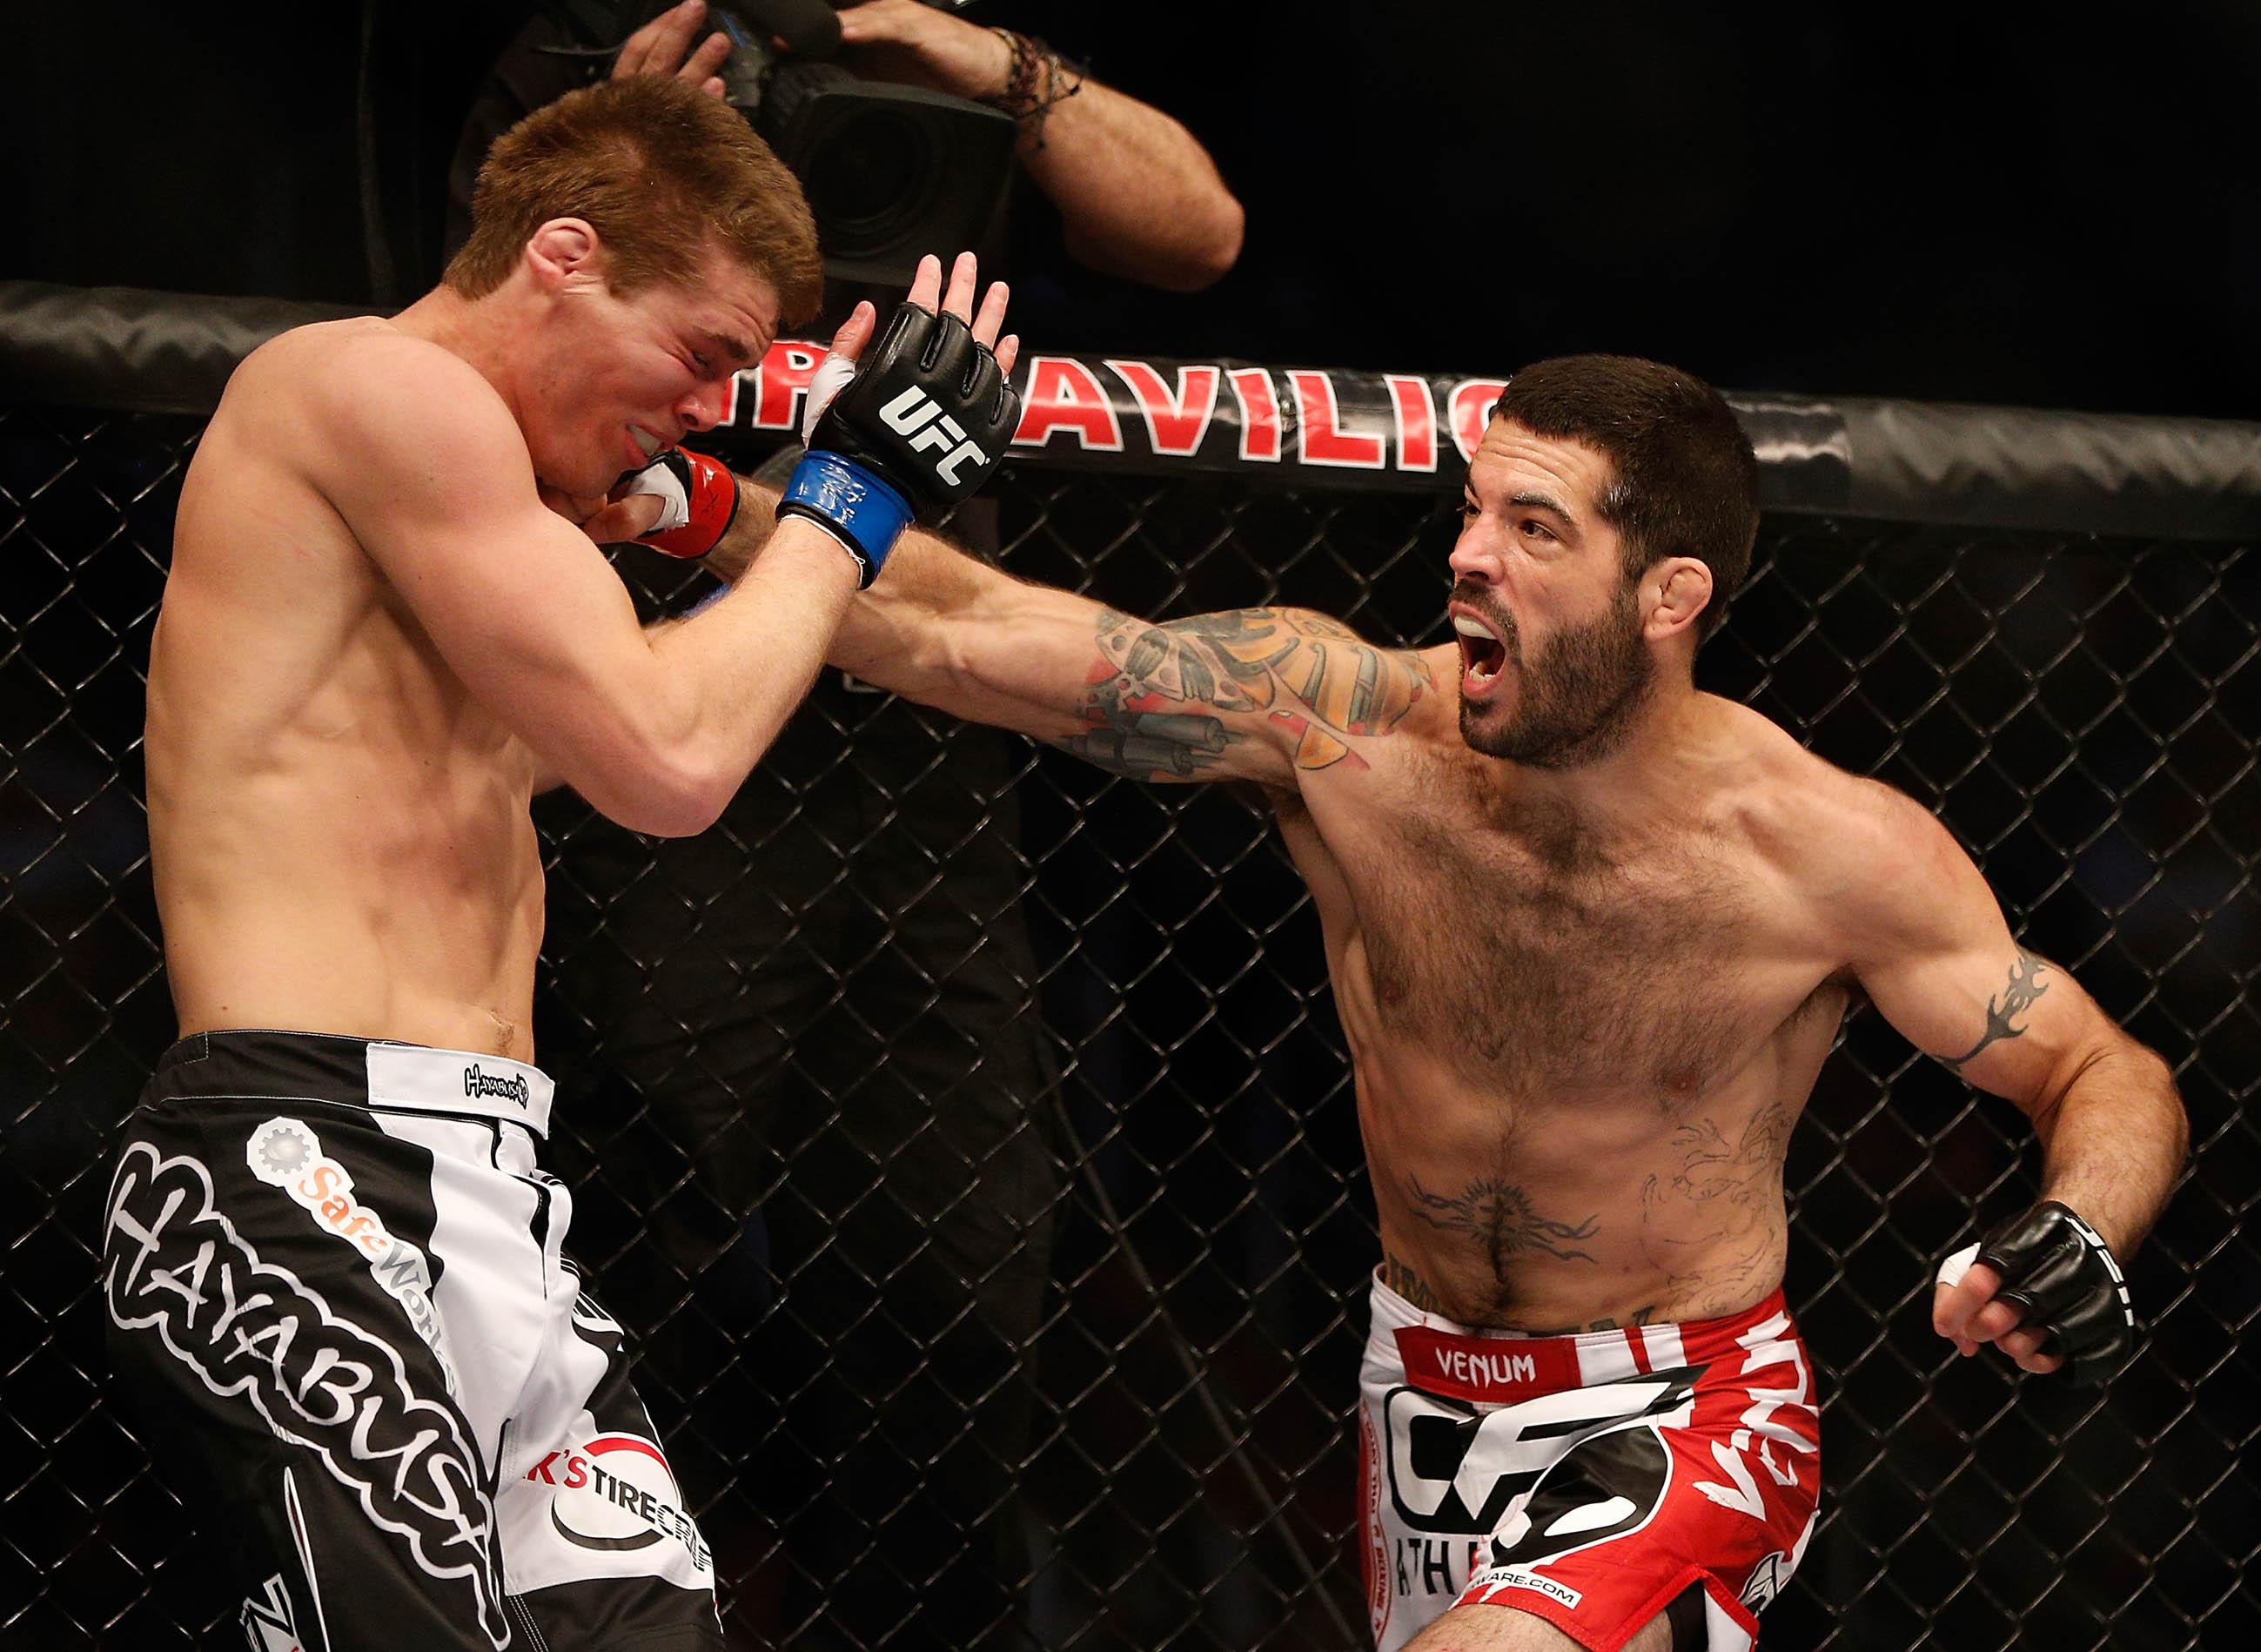 UFC Wallpapers HD   Taringa 2598x1898